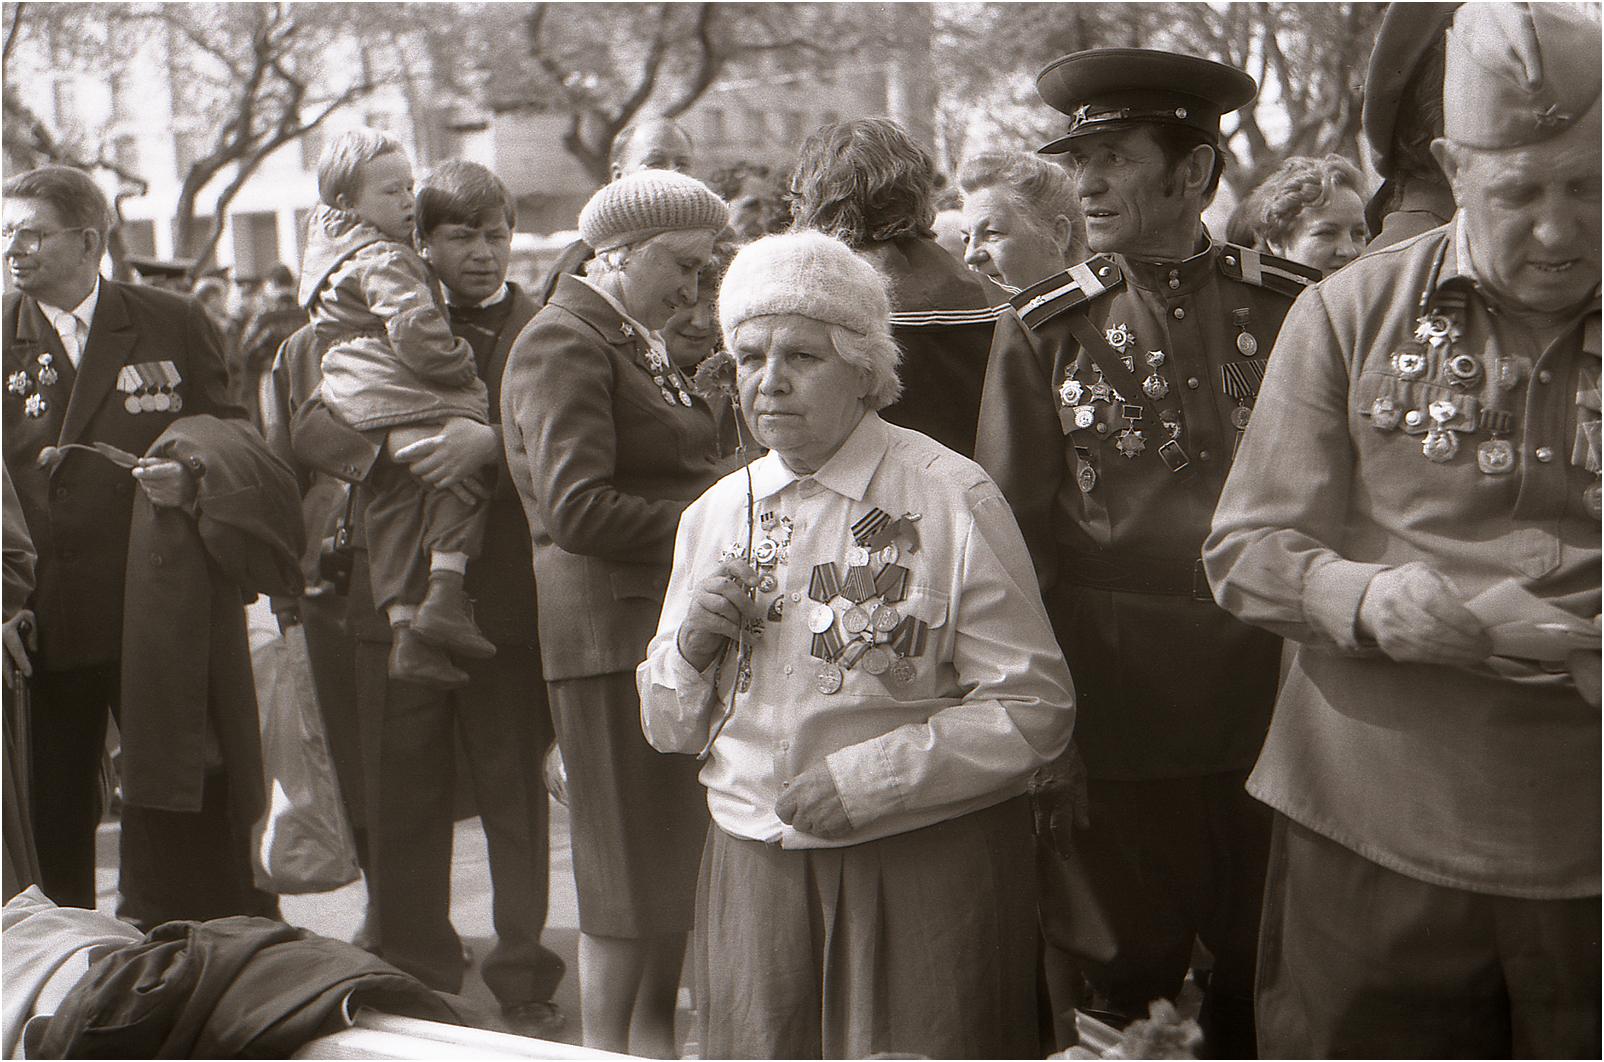 177. 1991. Встреча ветеранов ВОВ у Большого театра. 9 мая